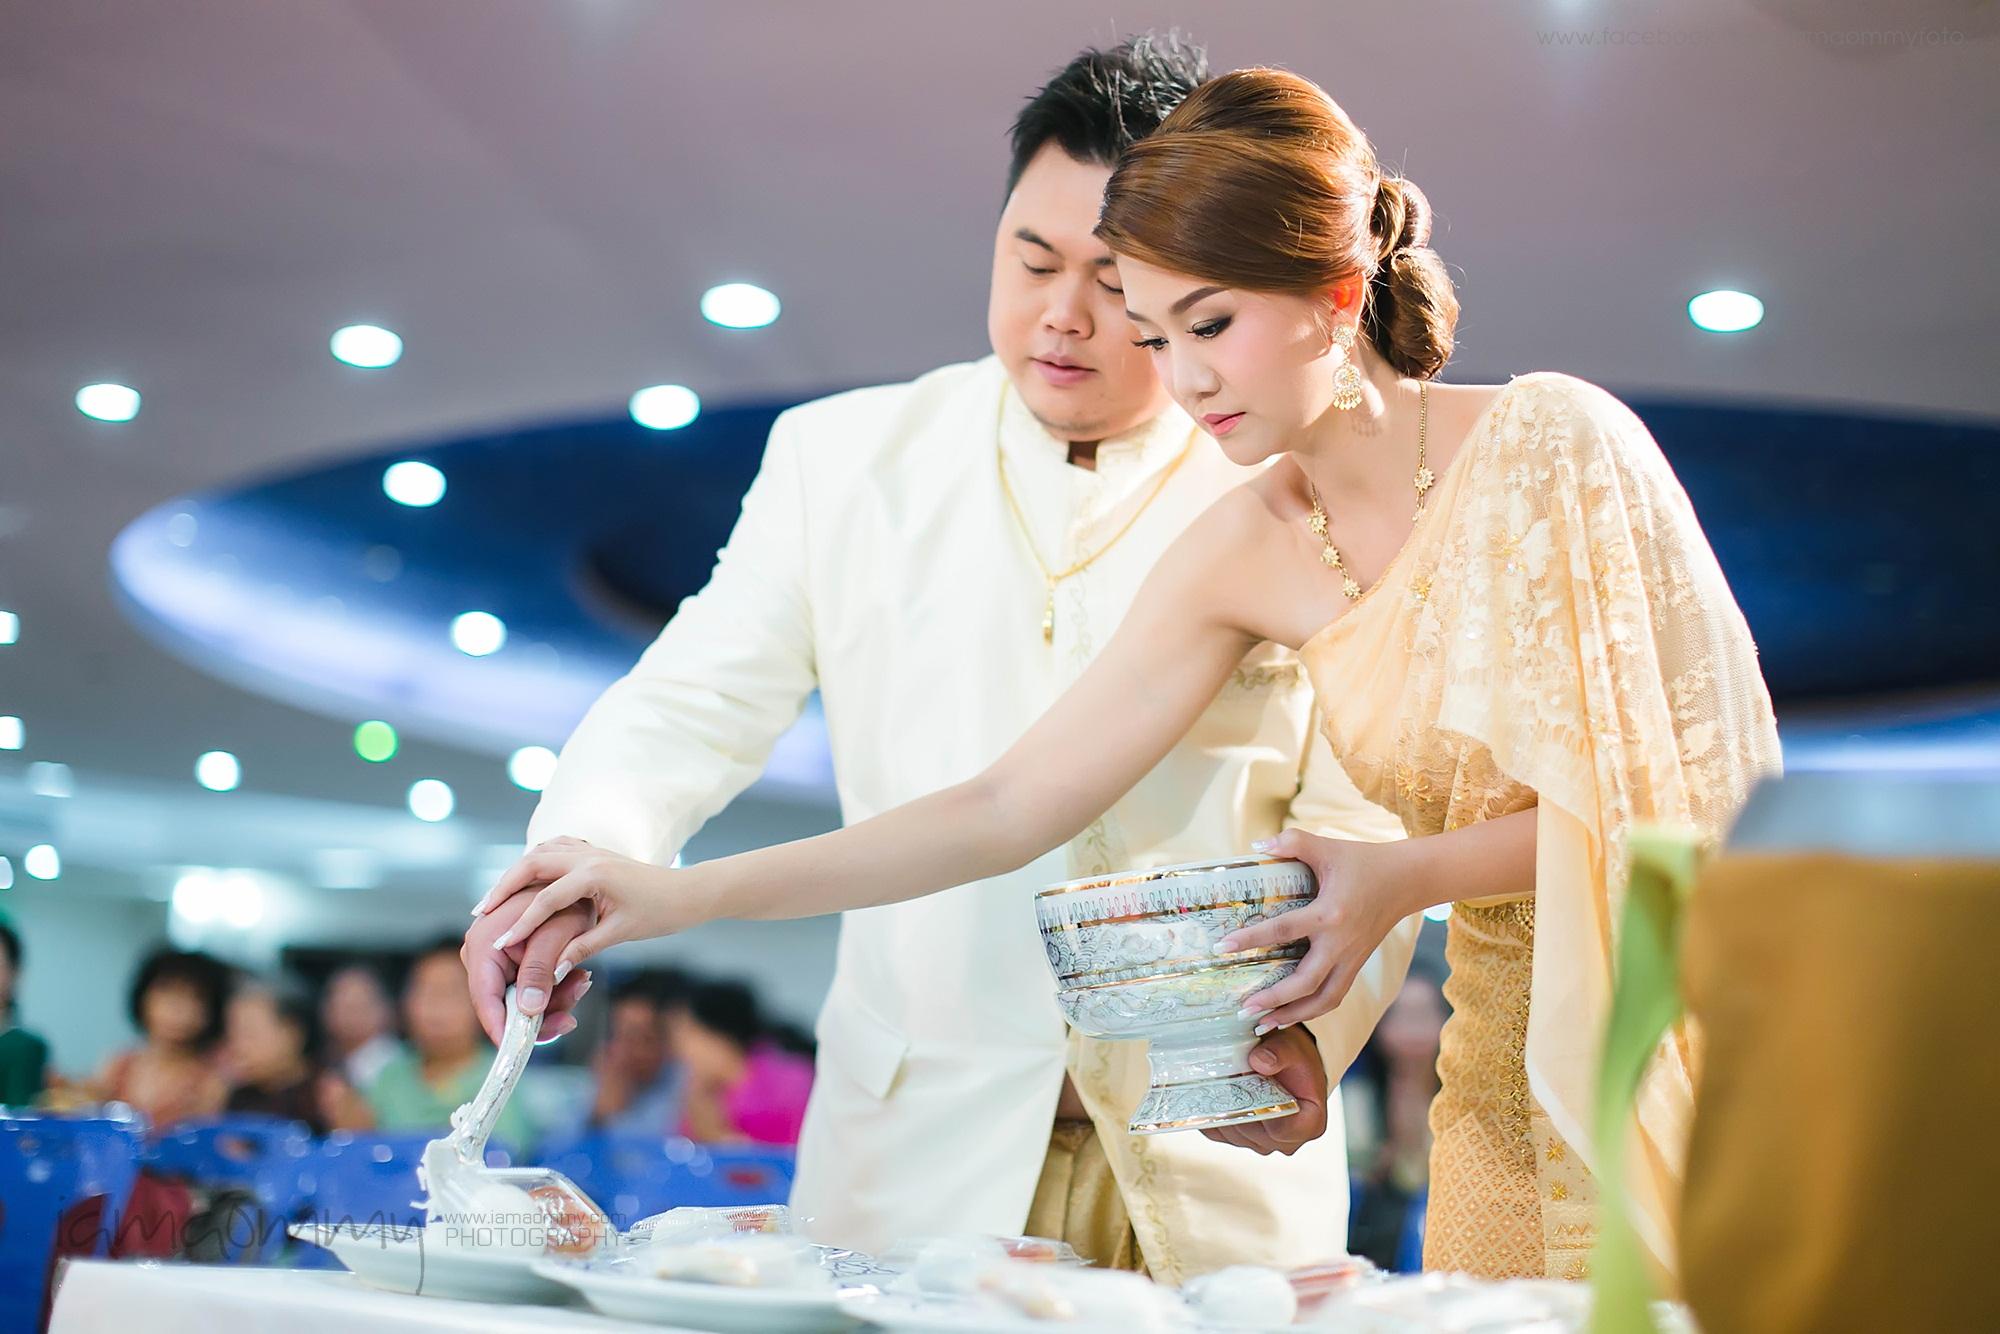 ถ่ายภาพแต่งงงาน_สมาคมชาวปักษ์ใต้_Elle&Nut_0153